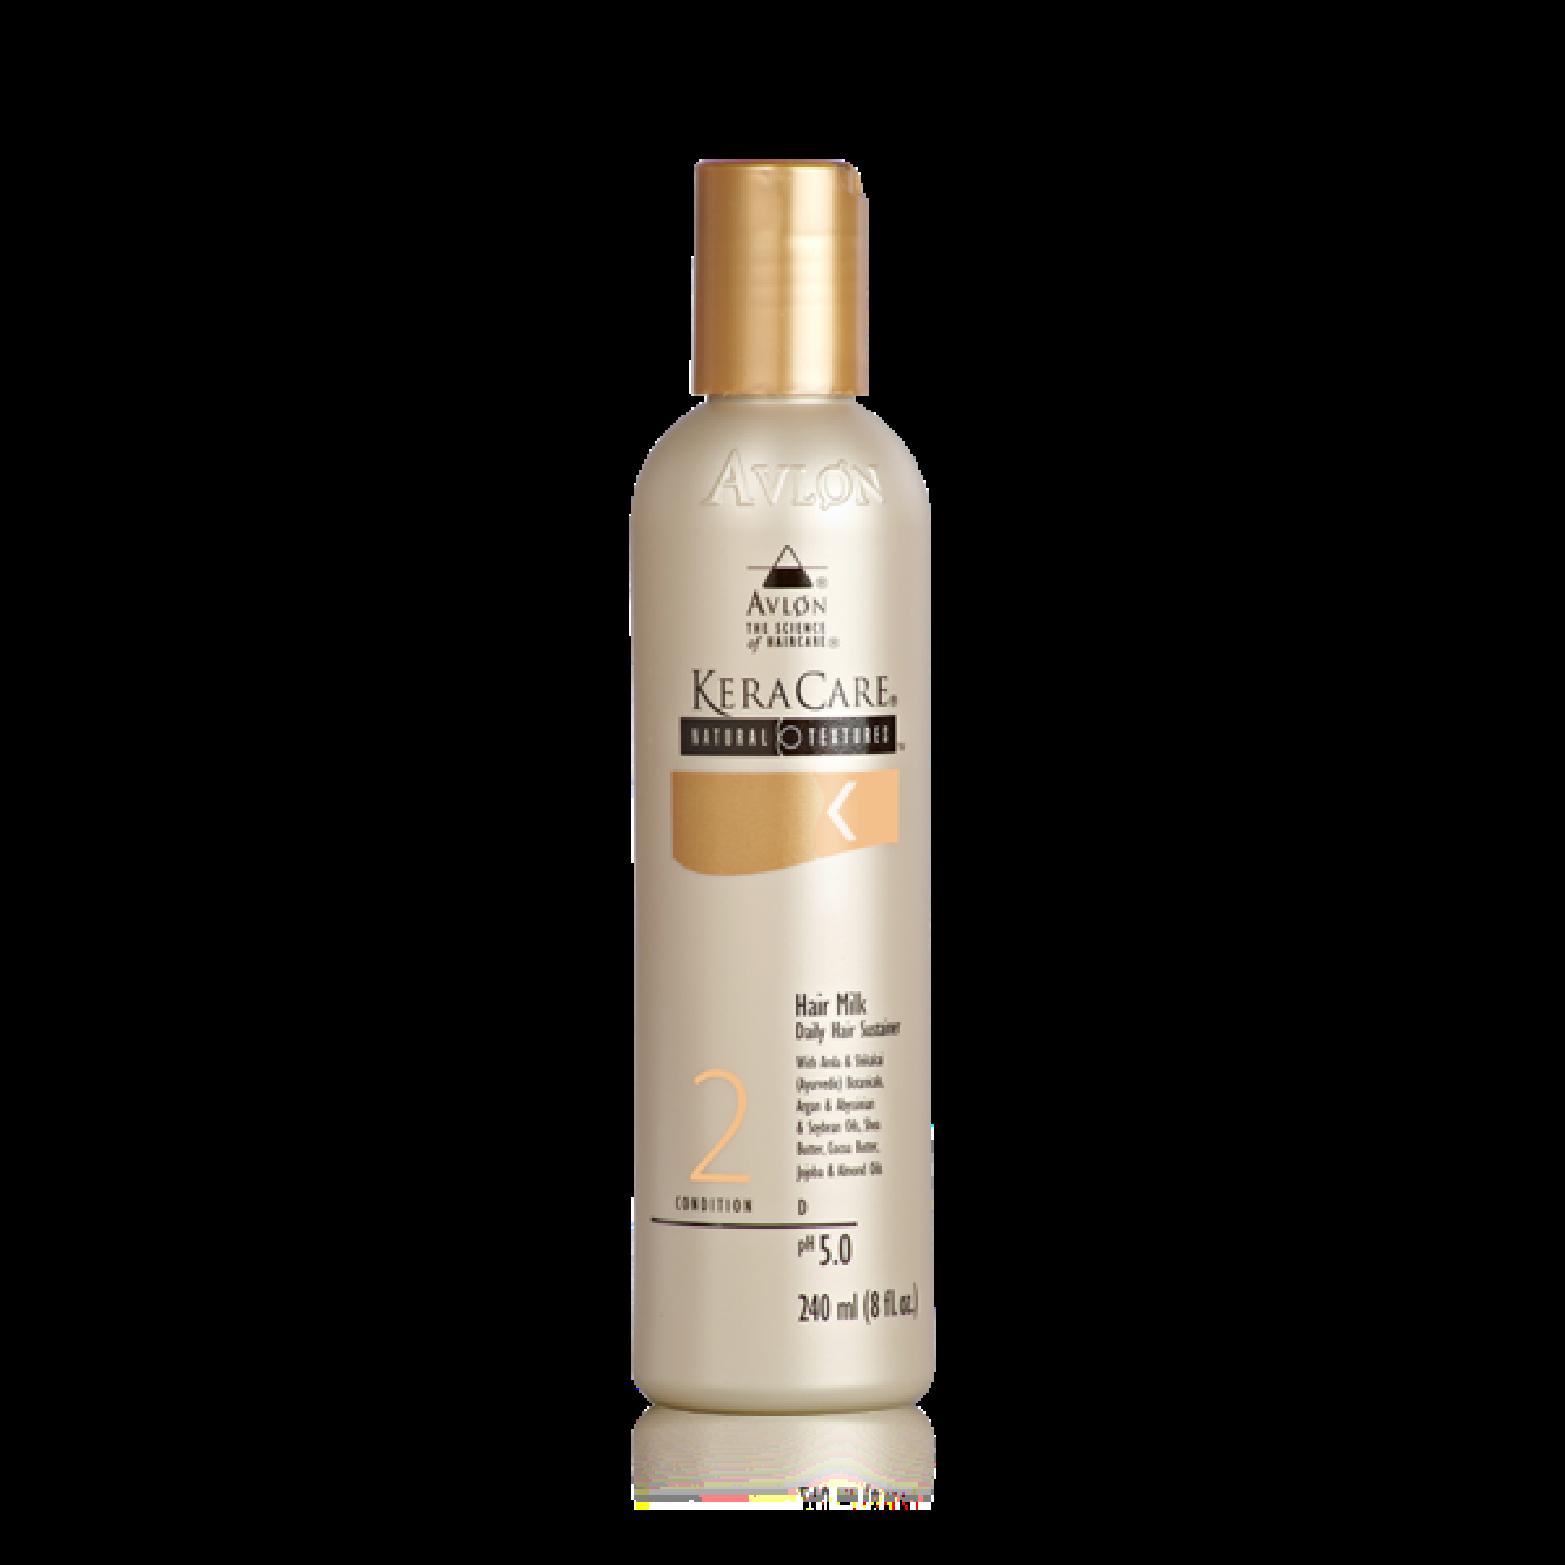 keracare-product-image-Natural-Textures-Hair-Milk_600x